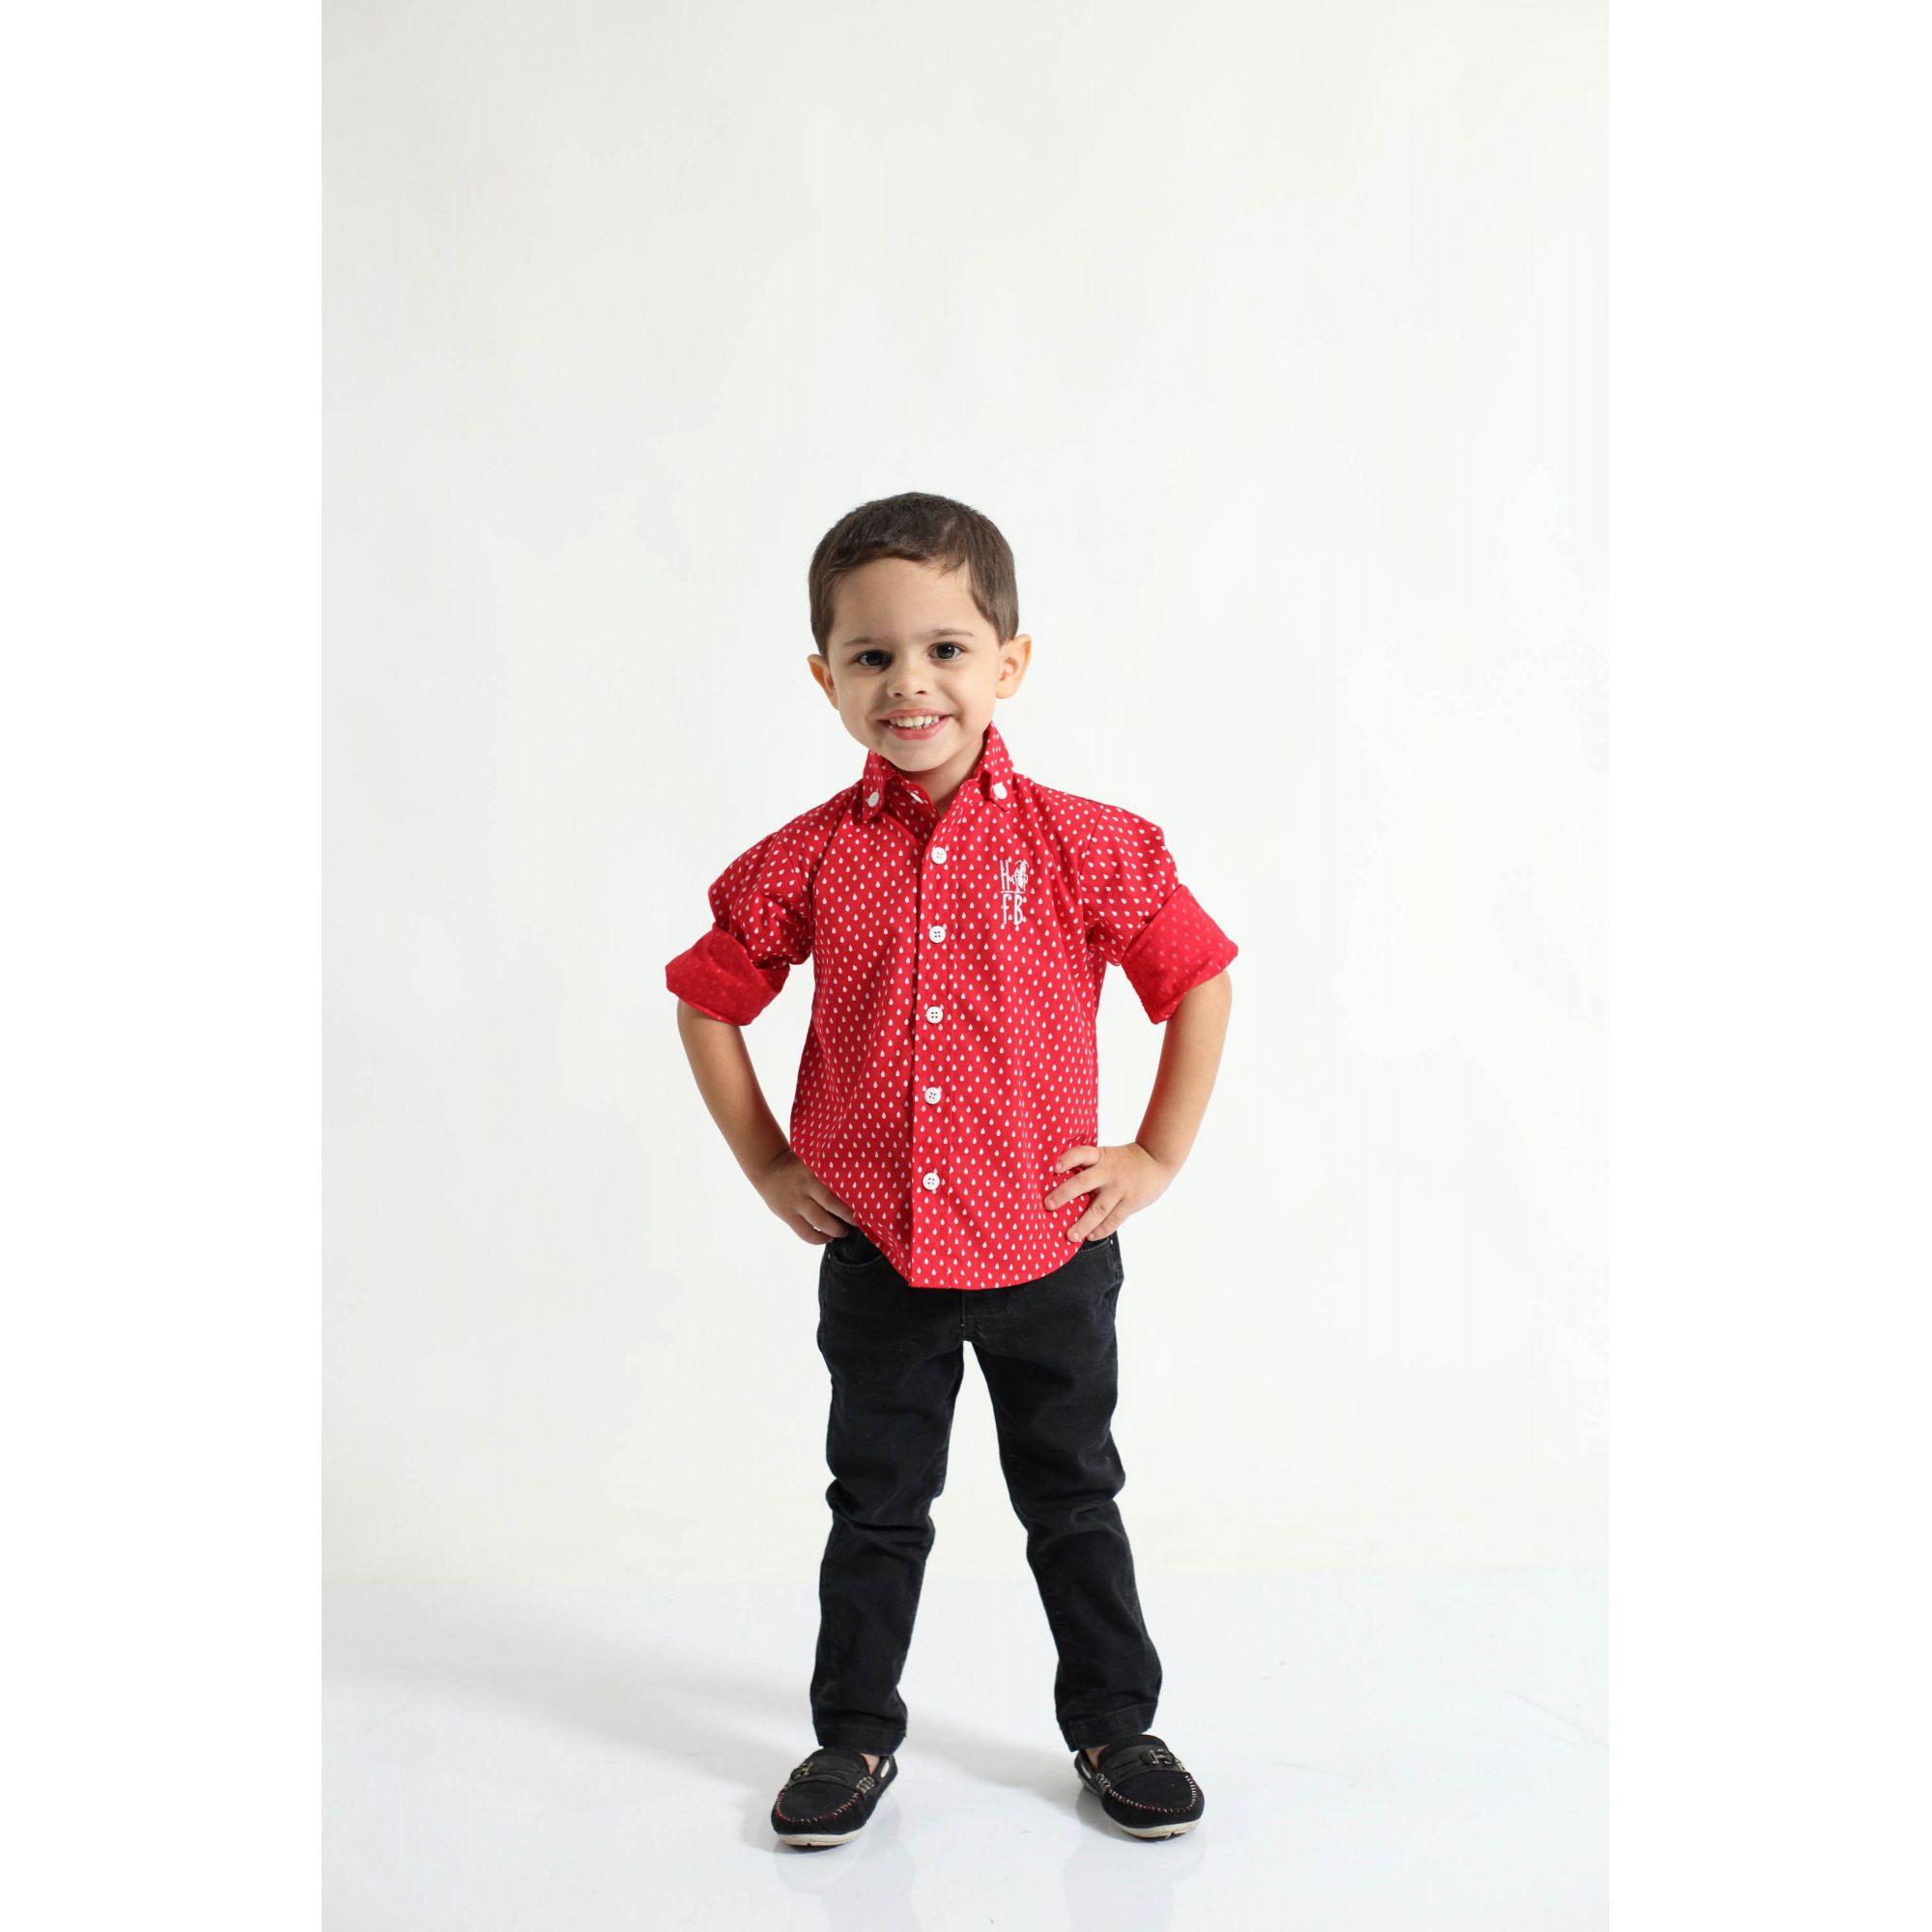 PAI E FILHO > Camisas Social Merry Christmas Vermelha [Coleção Tal Pai Tal Filho]  - Heitor Fashion Brazil